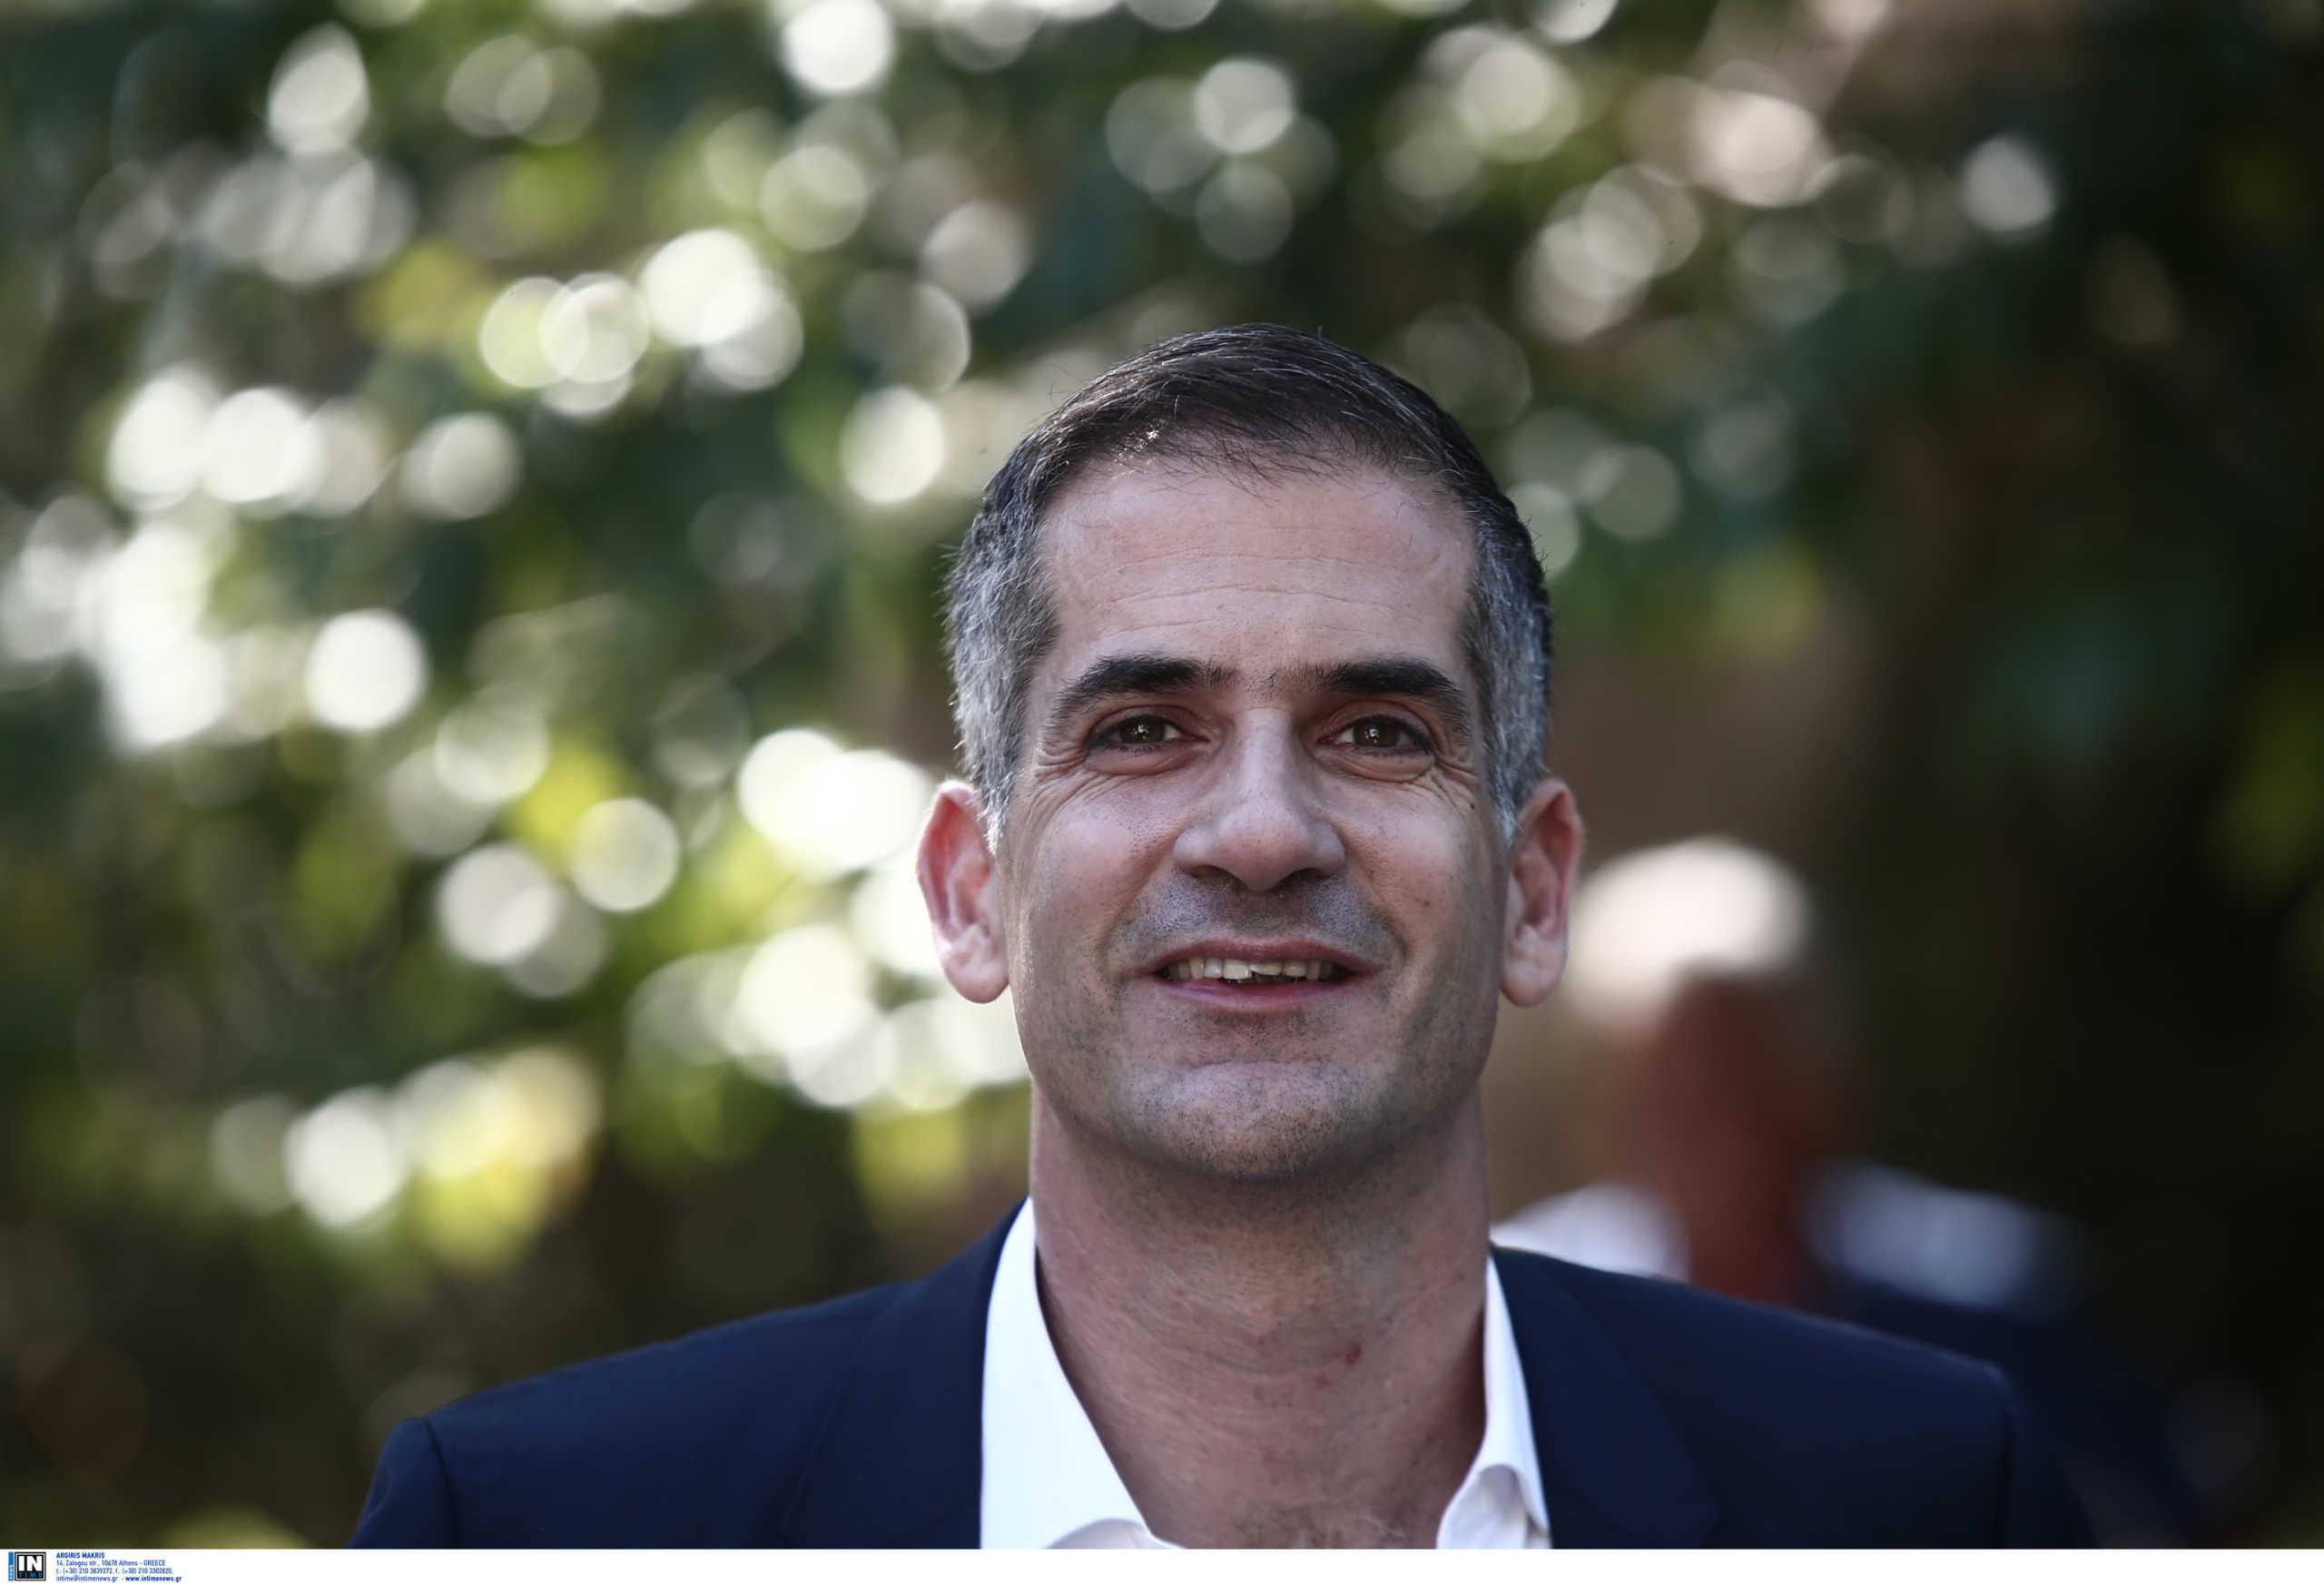 Μπακογιάννης: Αυτά είναι τα έργα που έγιναν και που θα γίνουν στην Αθήνα